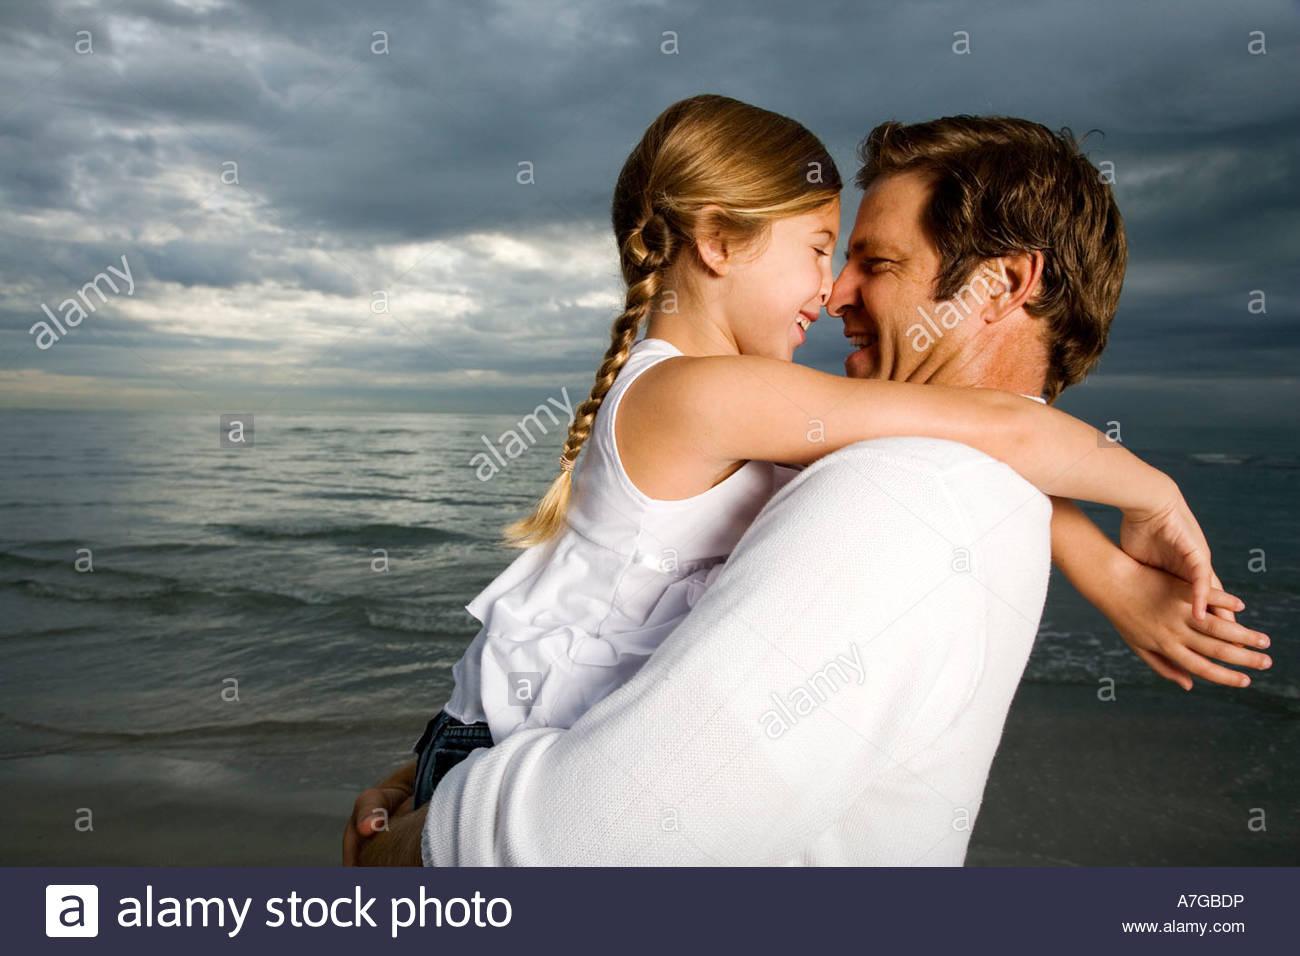 Секс с папулей фото, Фотографии Русский инцест - отец и дочь 5 альбомов 13 фотография